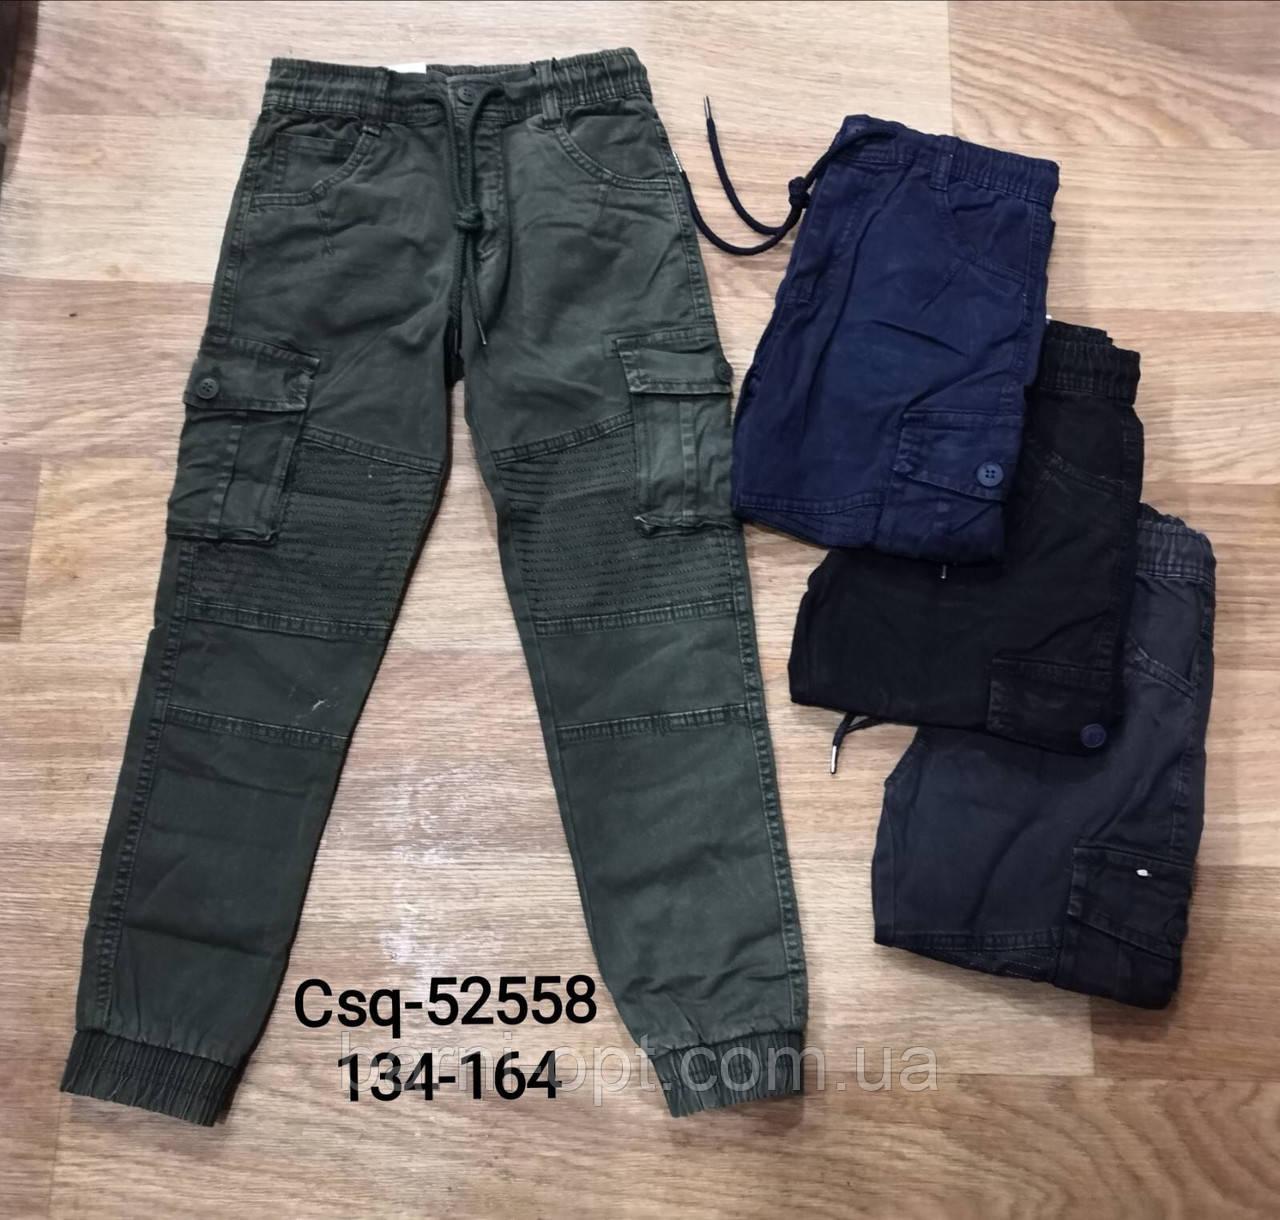 Котонові штани для хлопчиків, Seagull 134-164 рр